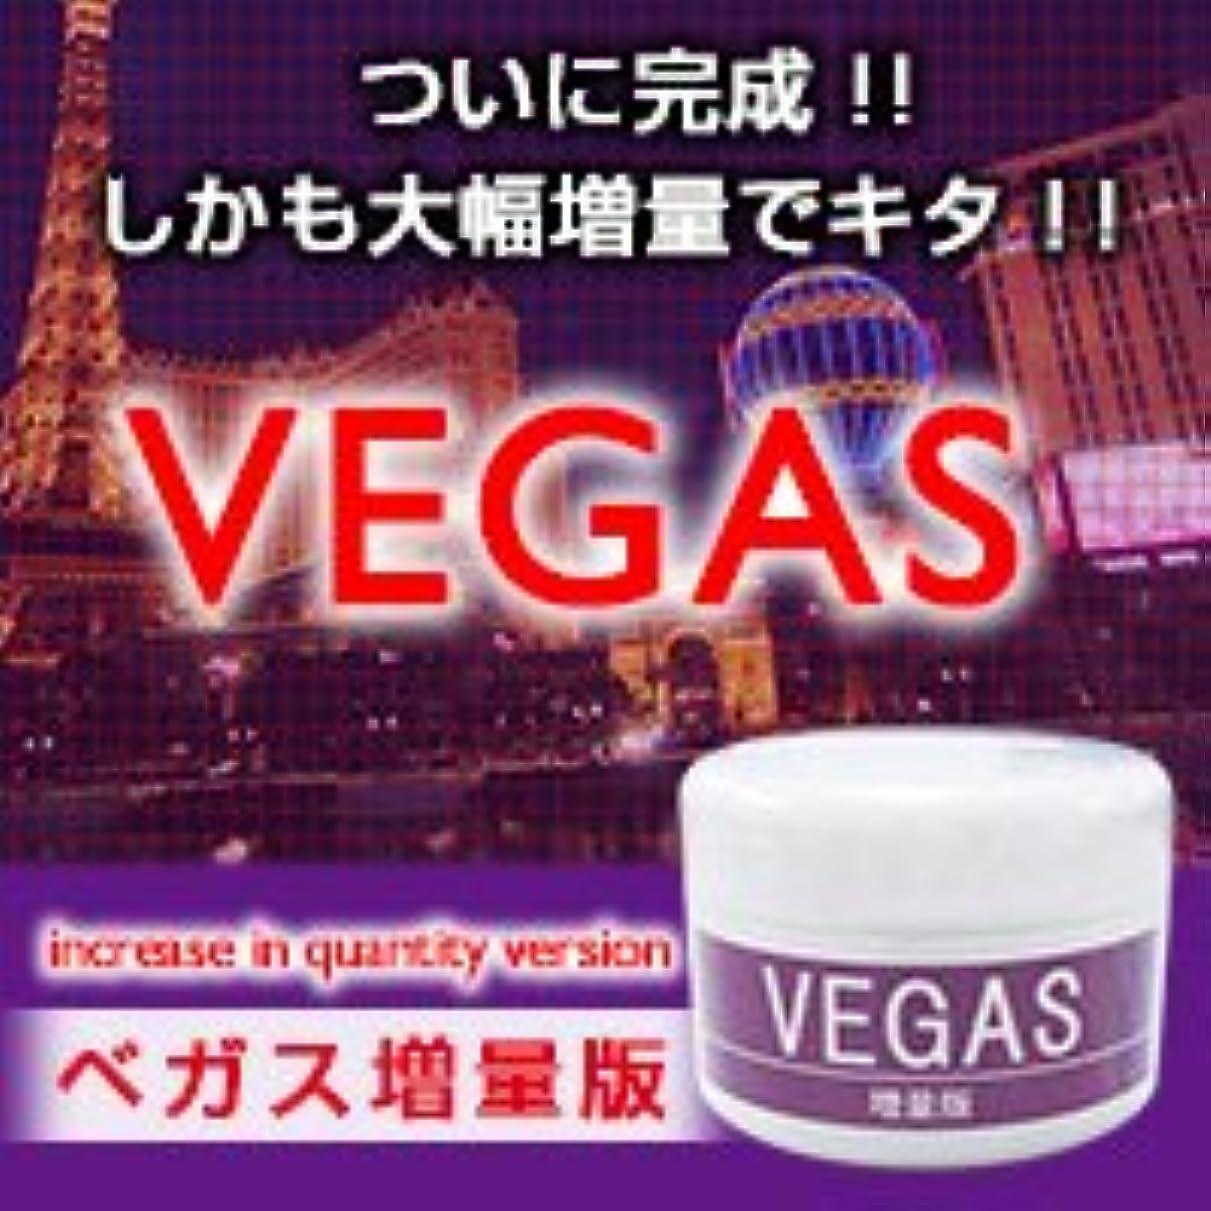 説明する騒彫刻VEGAS 増量版(ベガス ゾウリョウバン)/【CC】